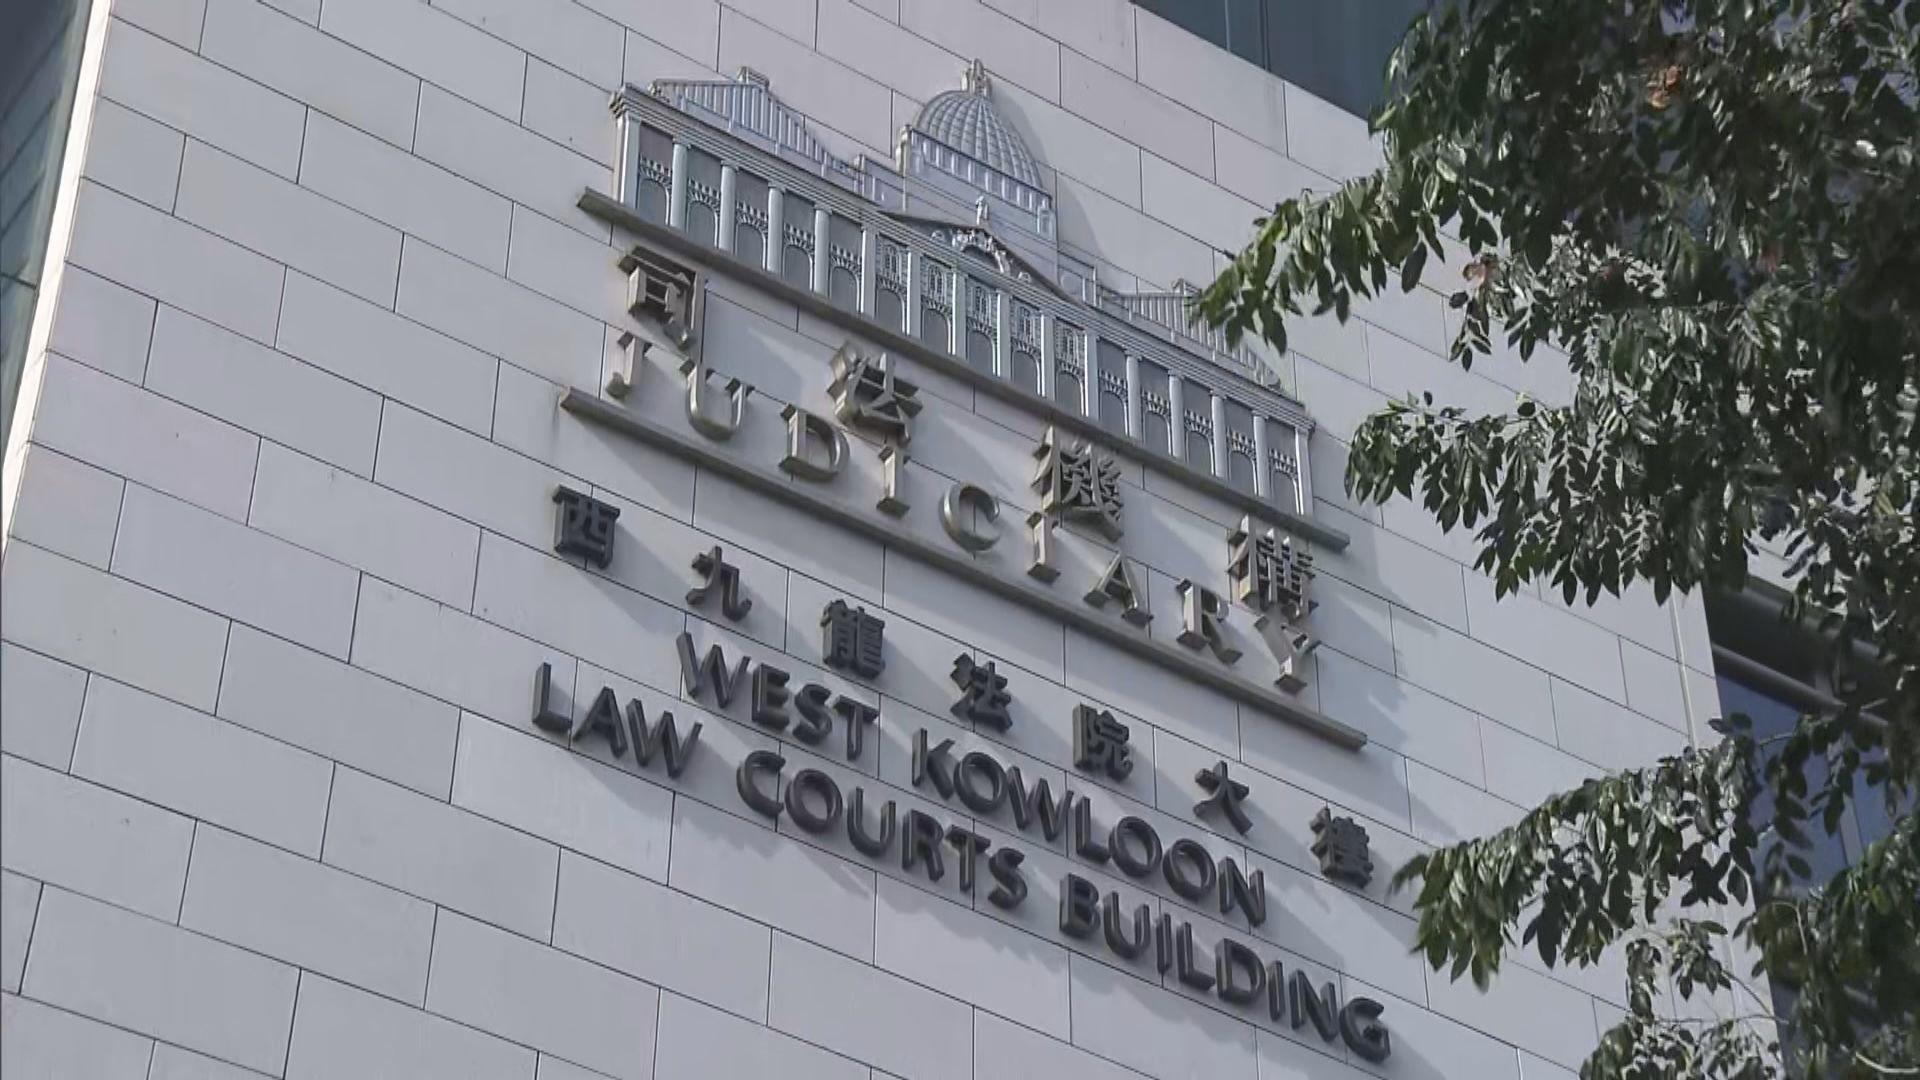 涉企圖策劃炸彈襲擊 三中學生被控違港區國安法提堂